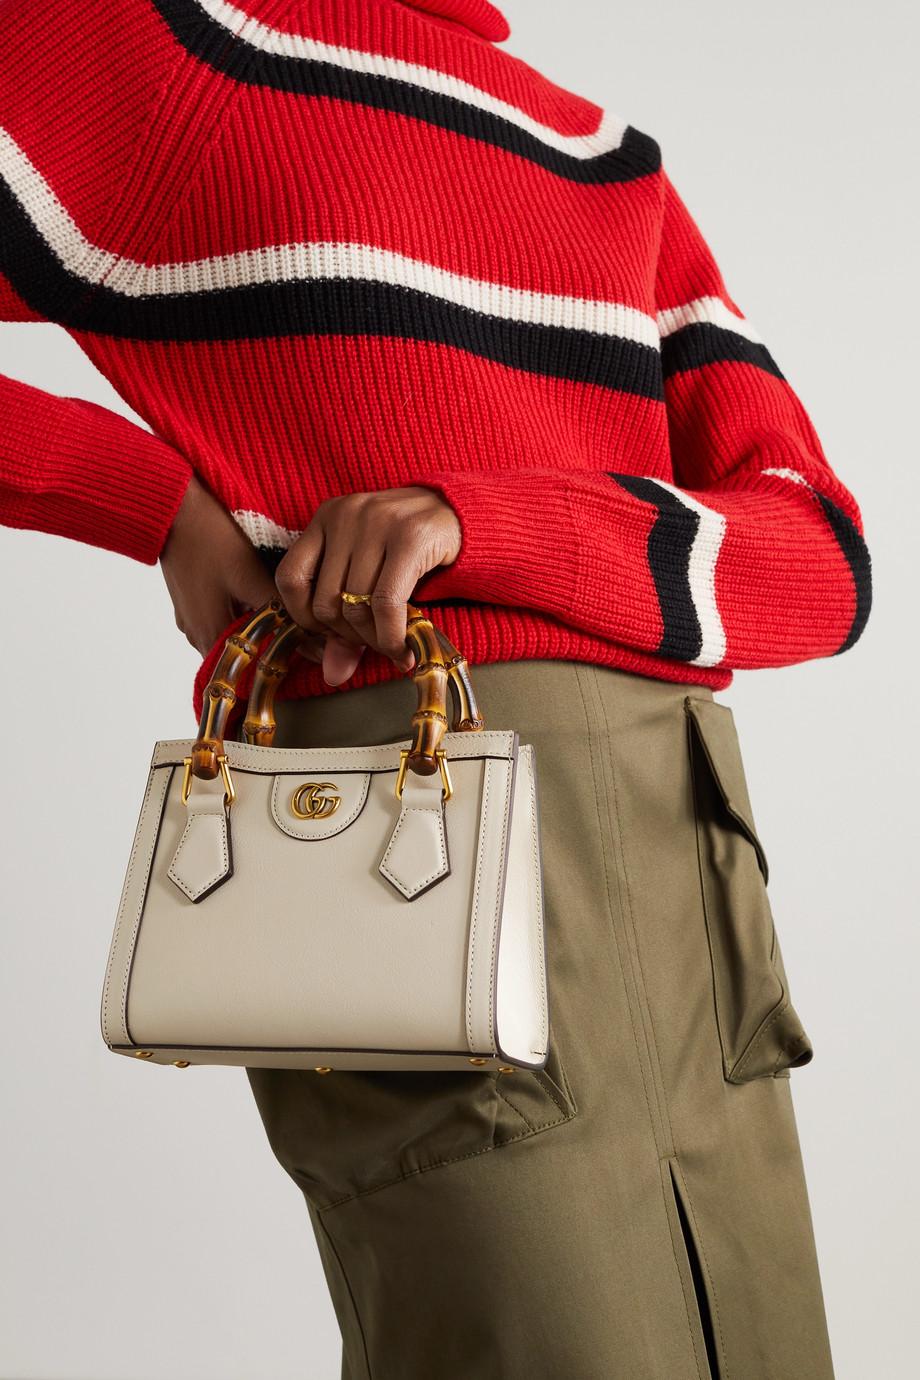 Gucci Sac à main en cuir texturé Diana Mini